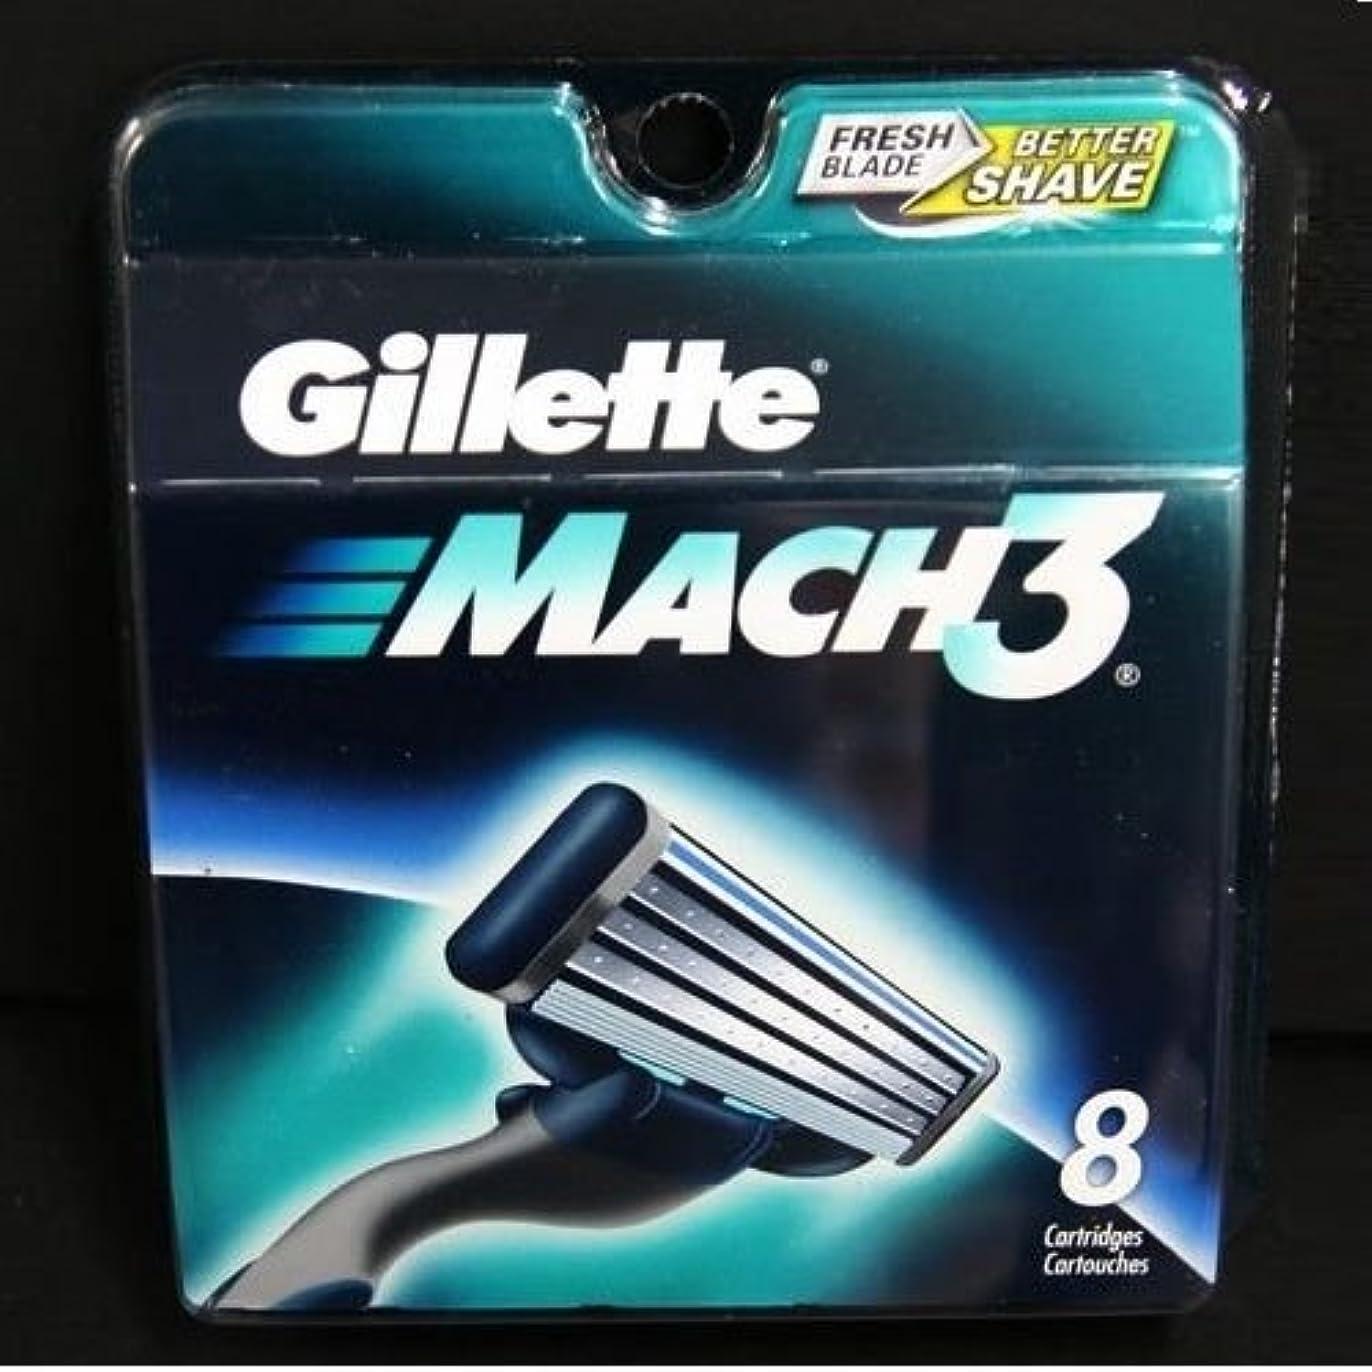 貫通するたるみほとんどないGillette MACH3 SHAVING RAZOR カートリッジブレード 8 Pack [並行輸入品]